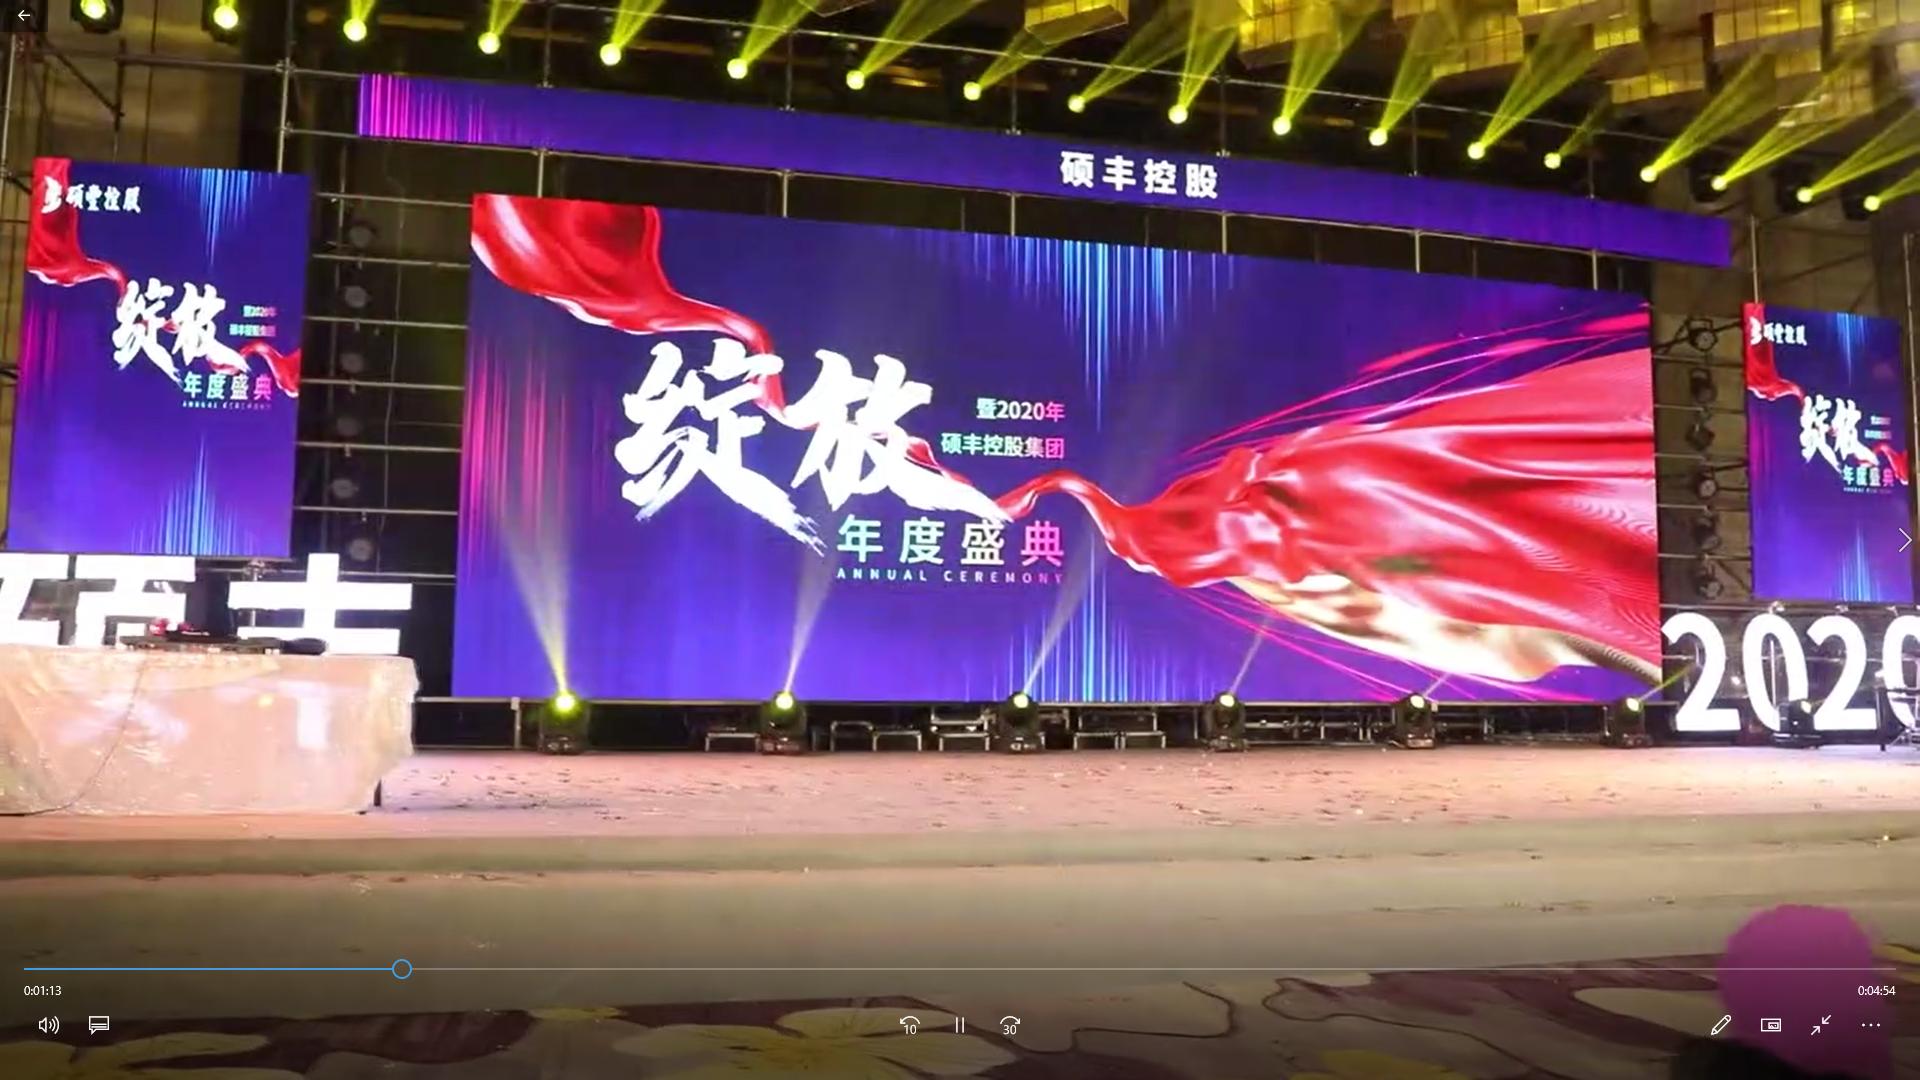 硕丰控股集团2020年会